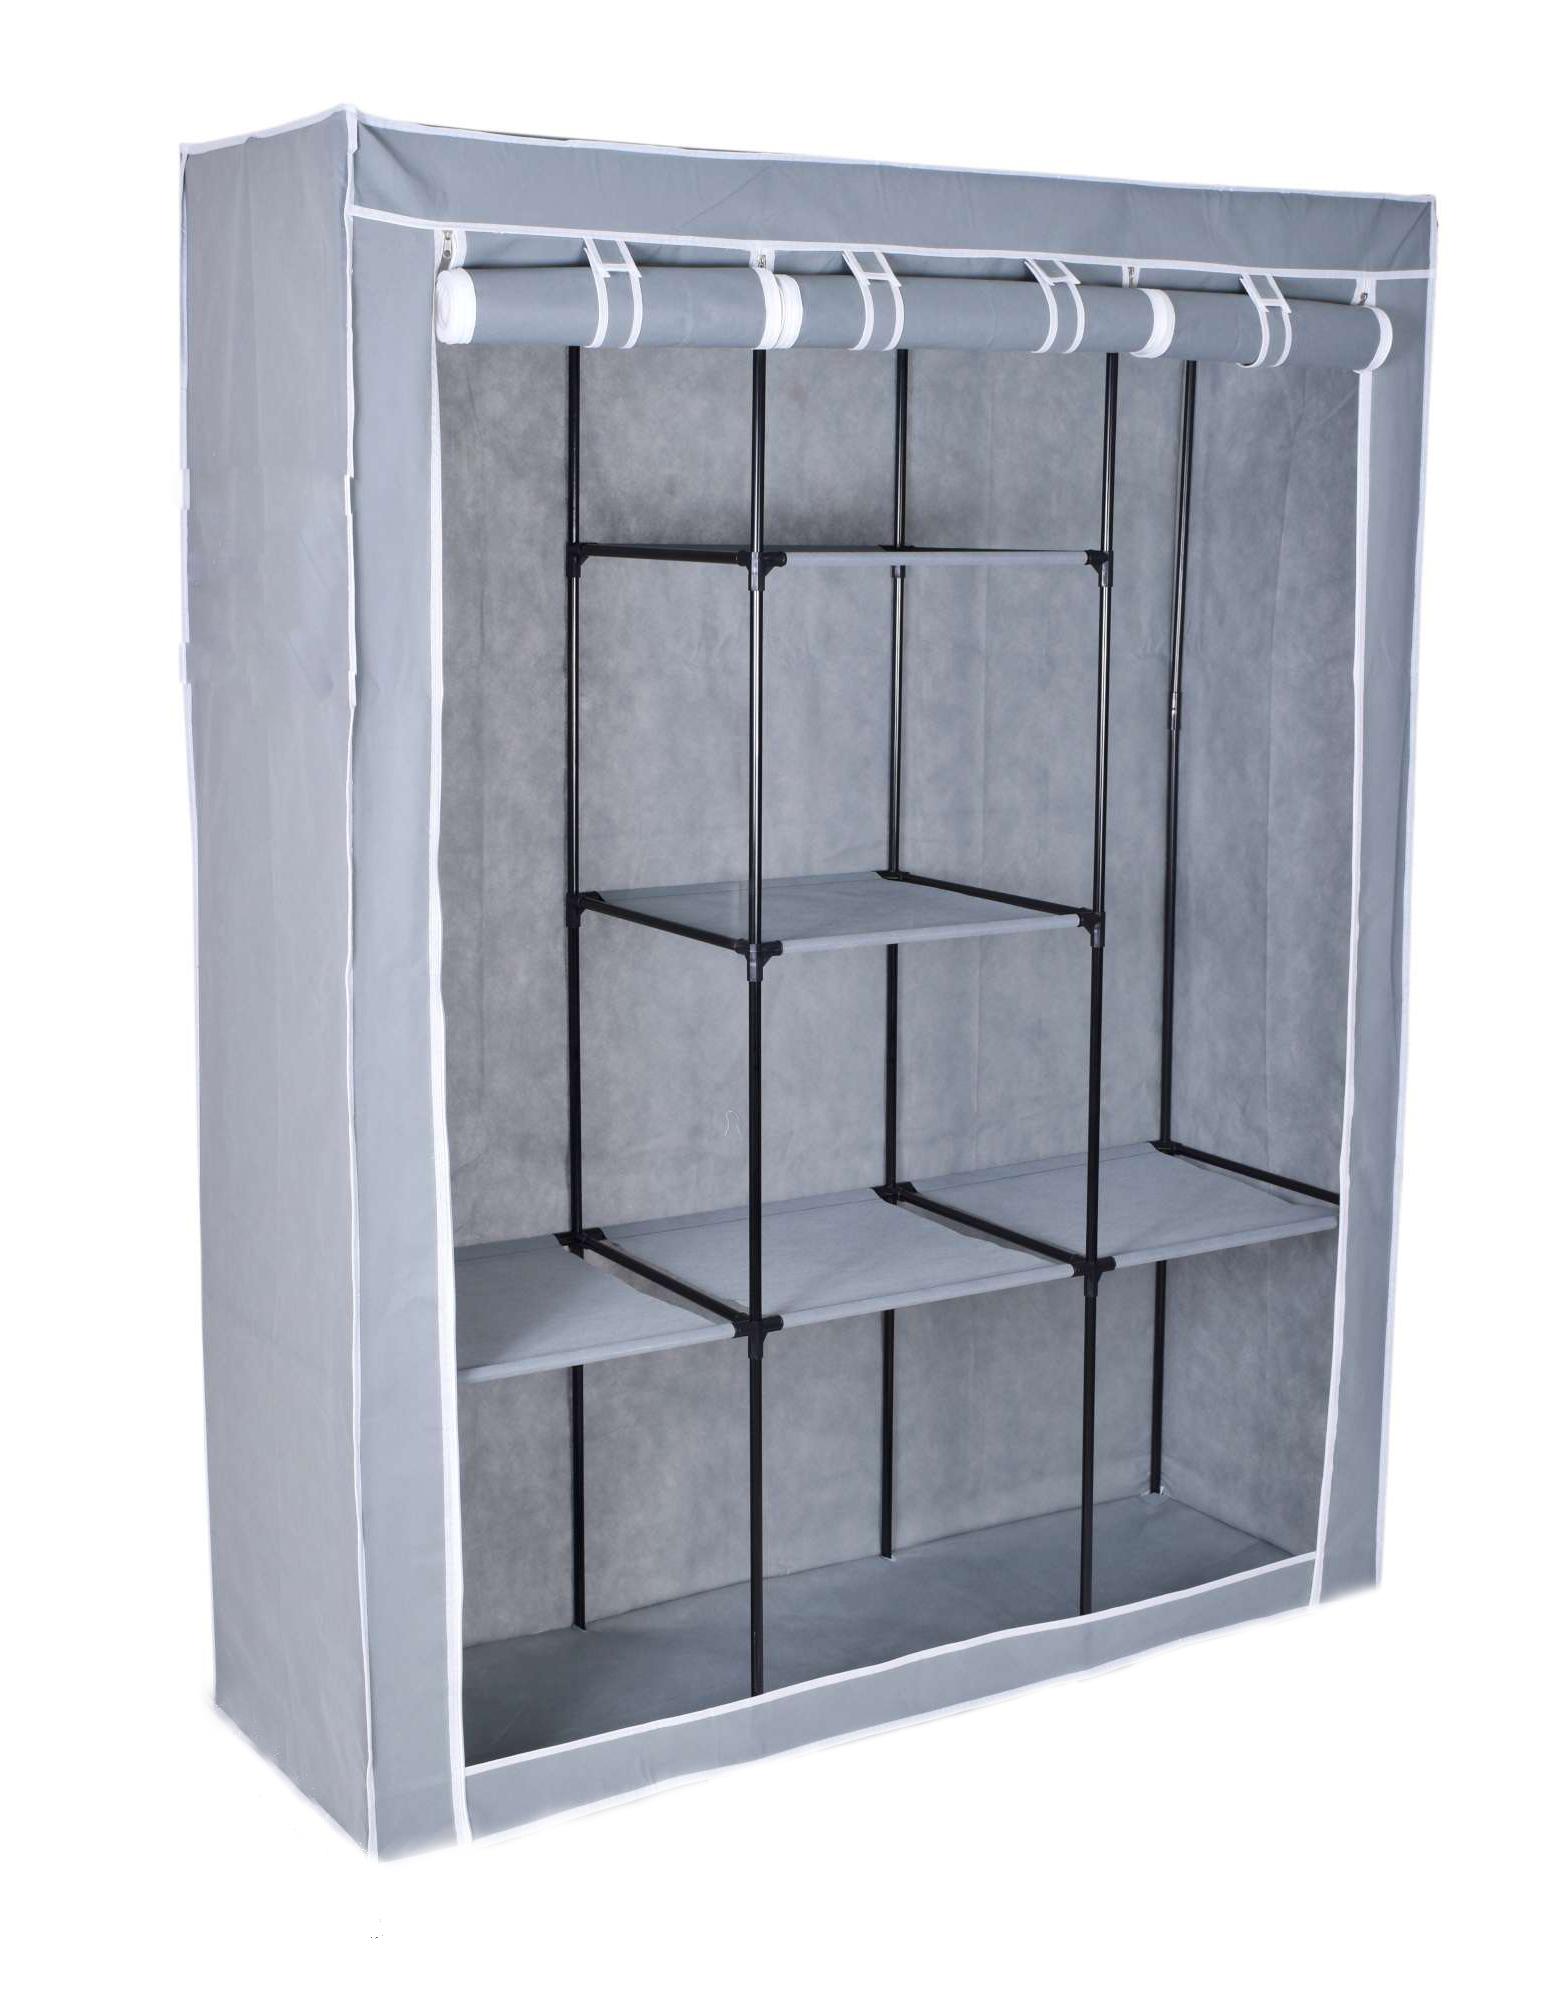 Τριπλή υφασμάτινη ντουλάπα με 3 πόρτες και μεταλλικό σκελετό Γκρι